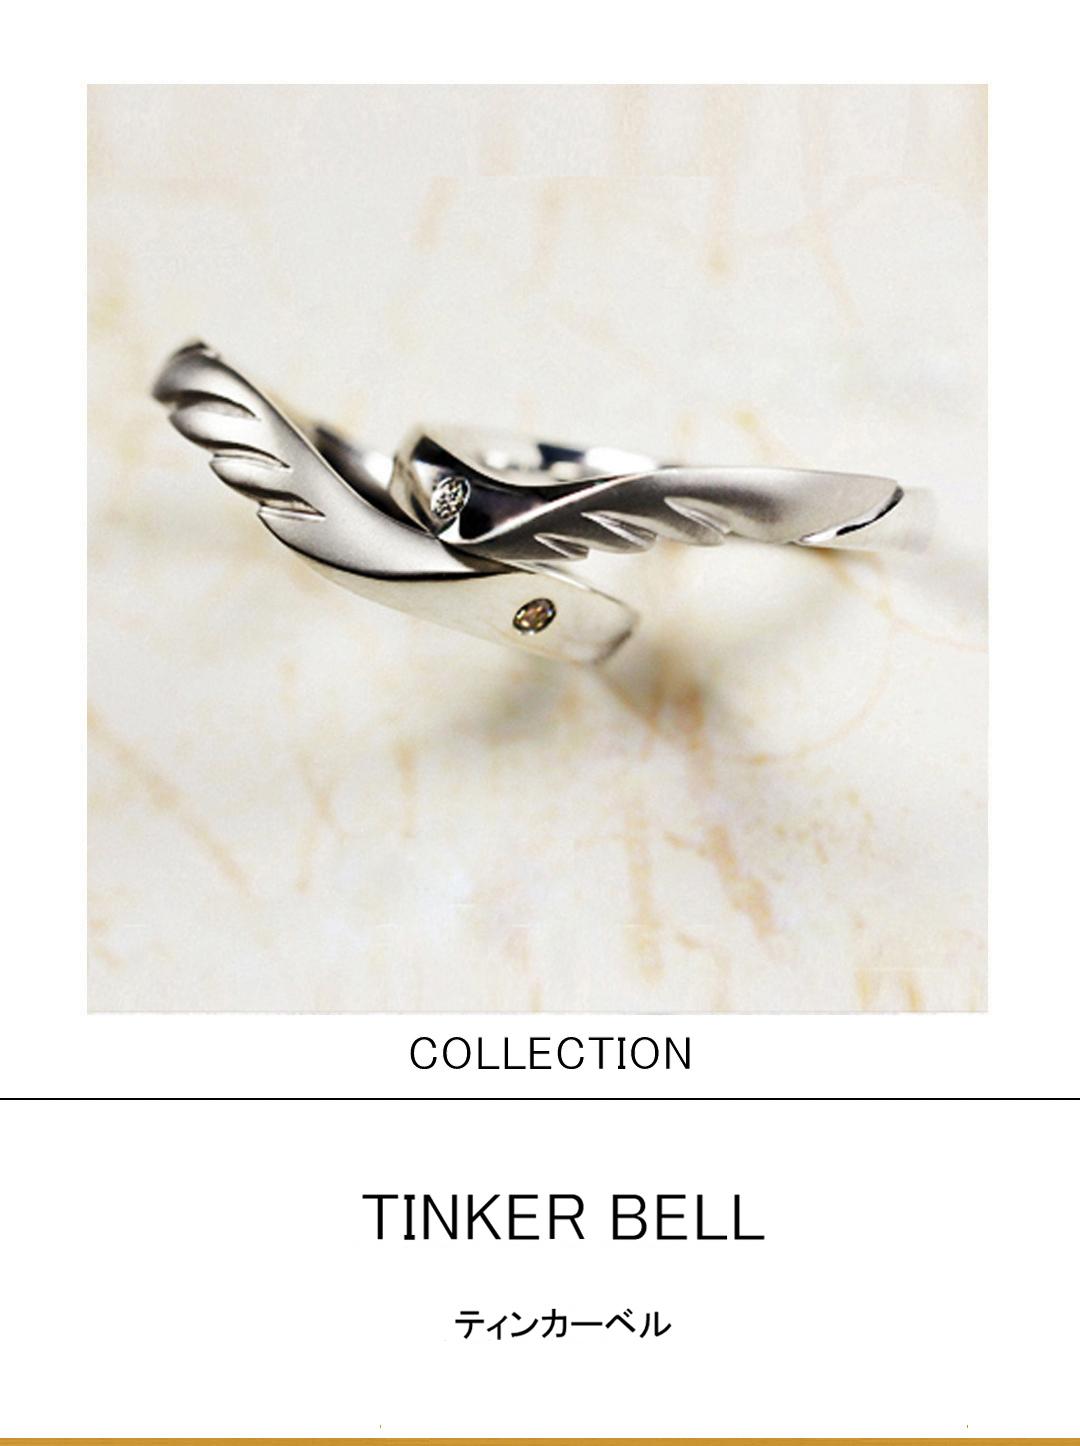 天使の羽,ティンカーベルたちのプラチナ結婚指輪コレクション   のサムネイル